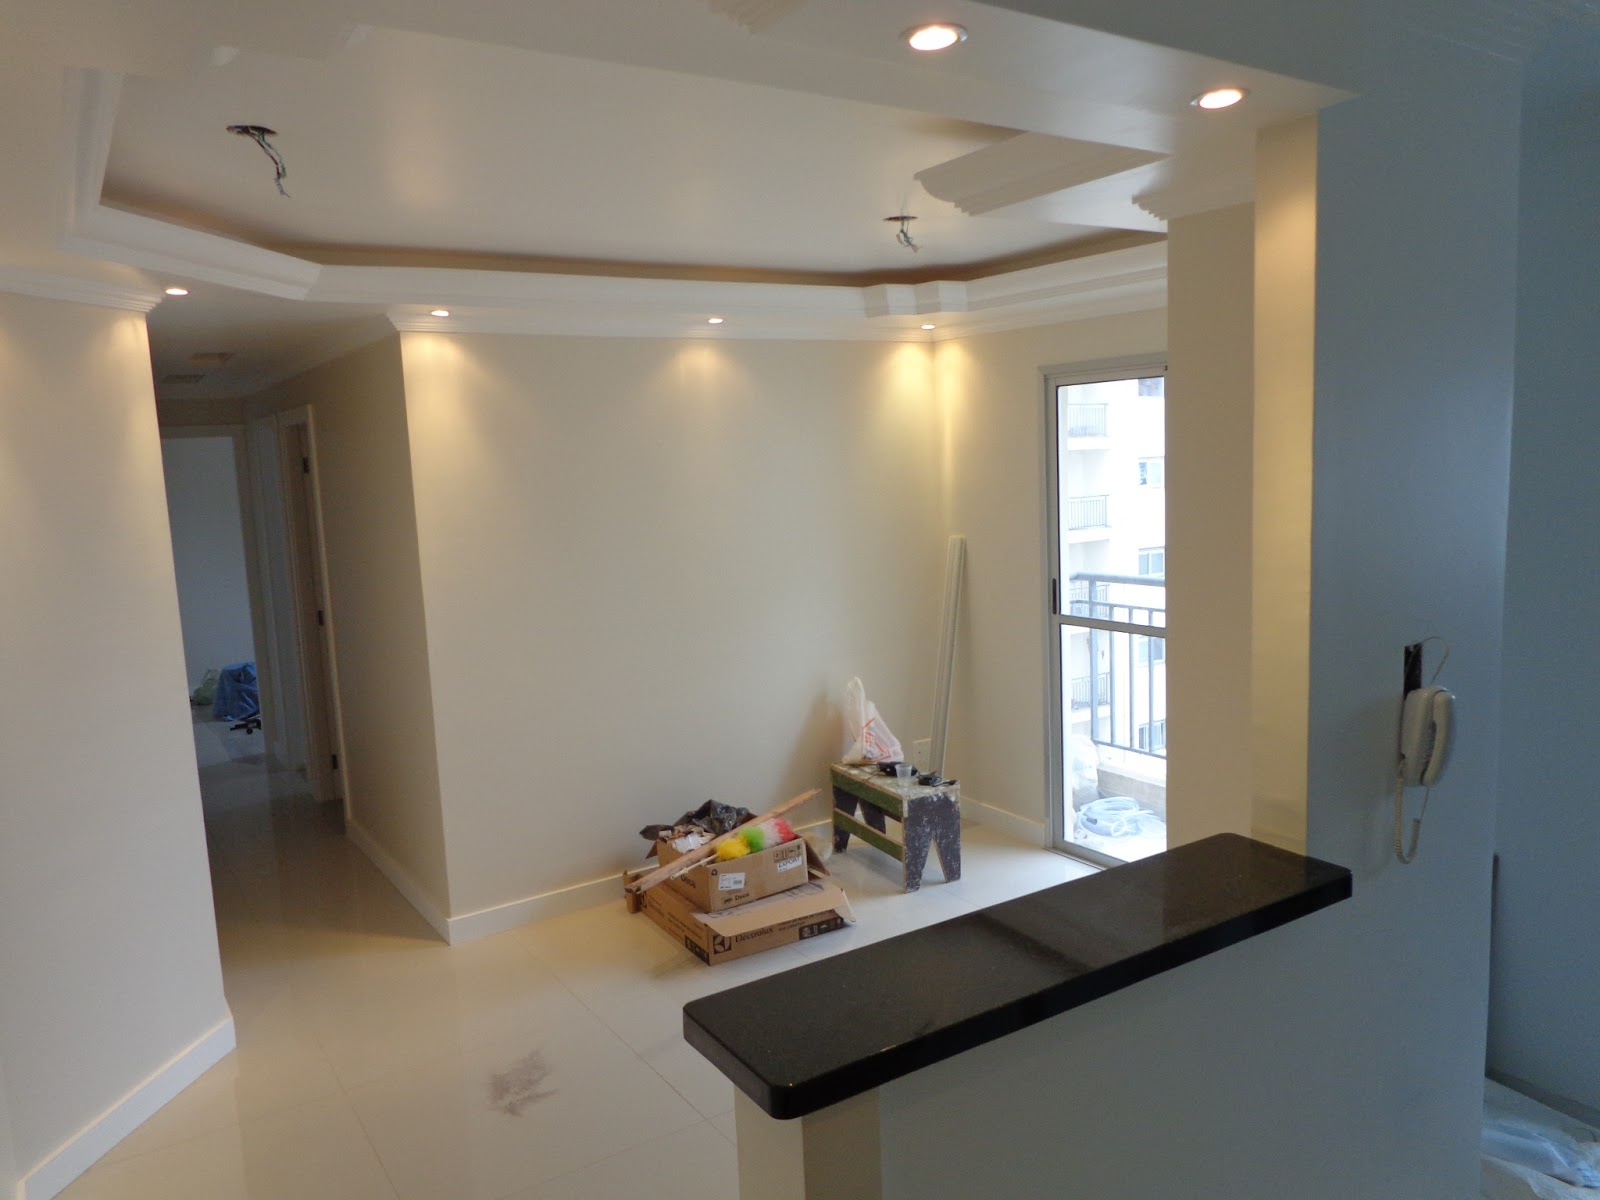 Ap Nosso: Granito na Cozinha e Nanoglass no Banheiro #91703A 1600 1200